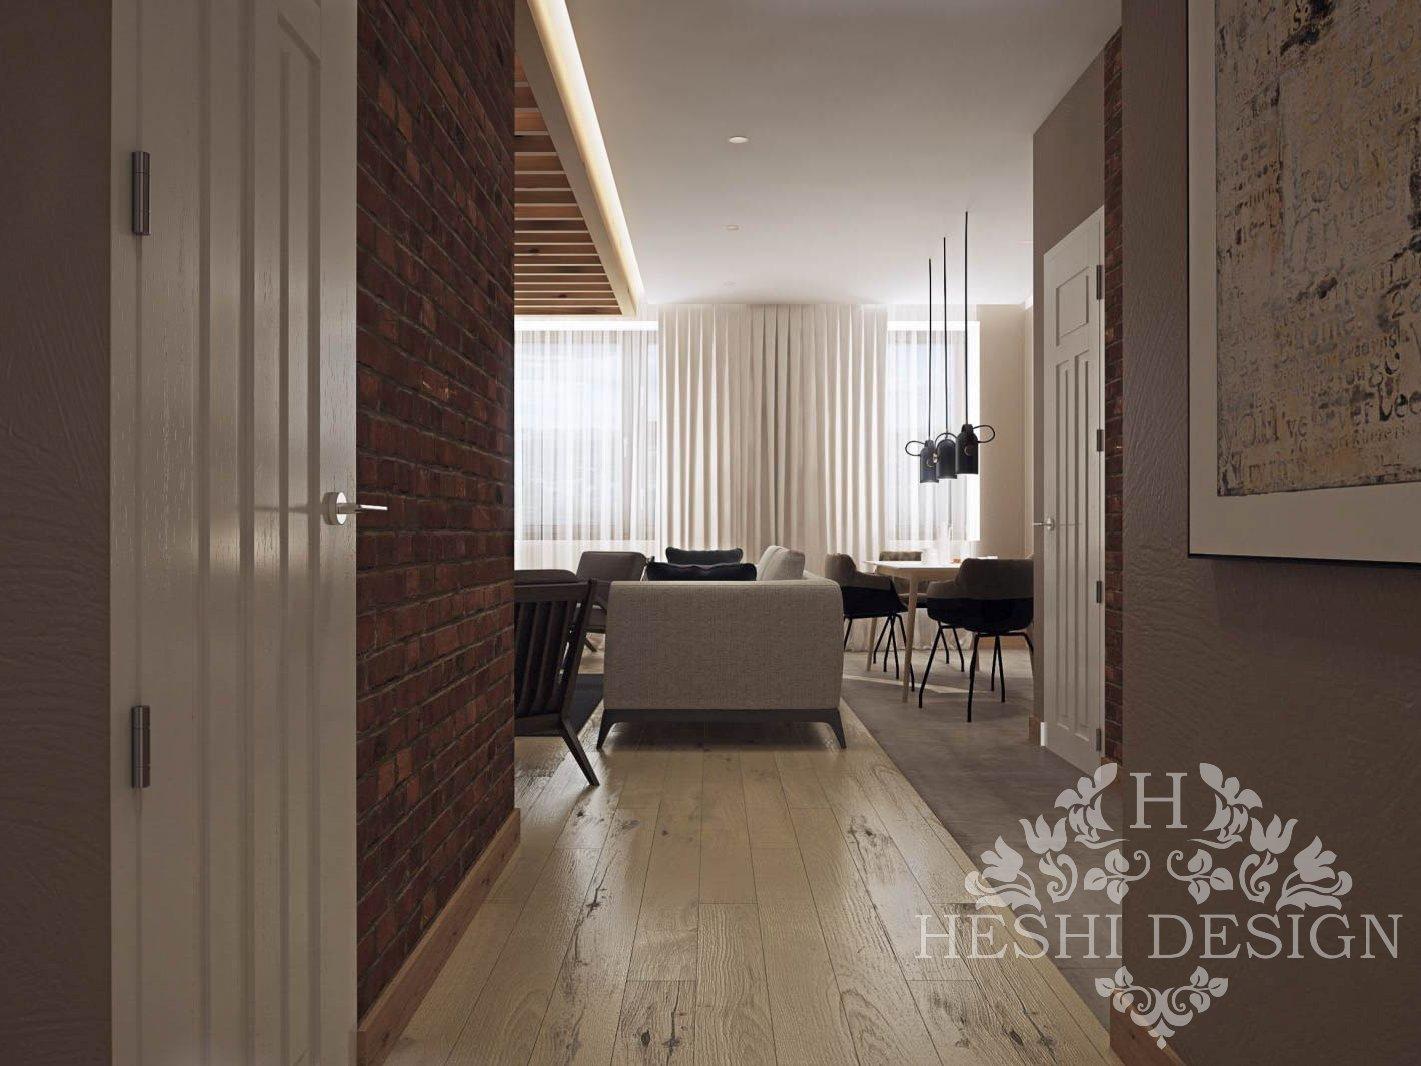 фотография Студии дизайна интерьера Heshi Design